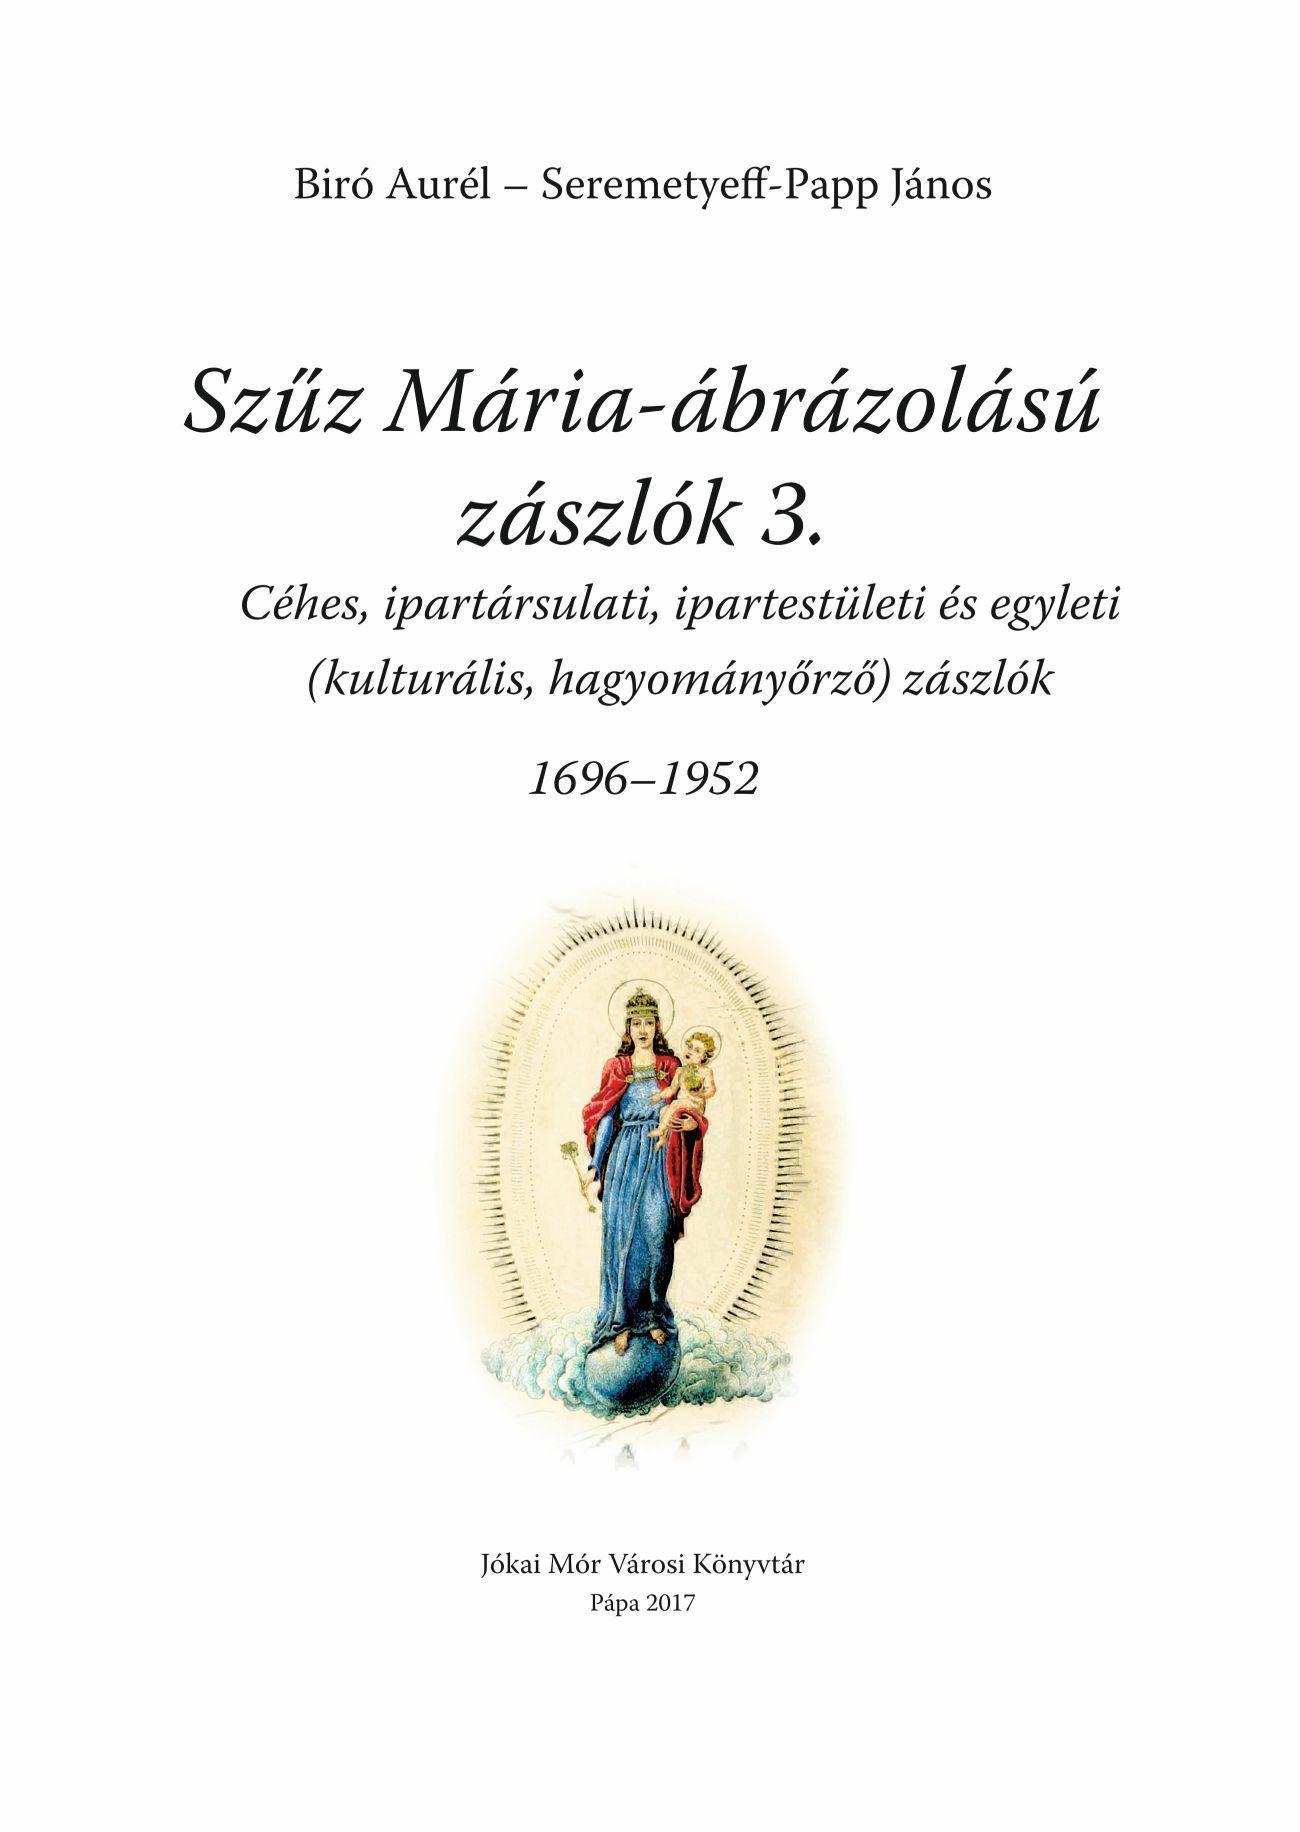 SZŰZ MÁRIA ÁBRÁZOLÁSÚ ZÁSZLÓK 3. (1696-1952)